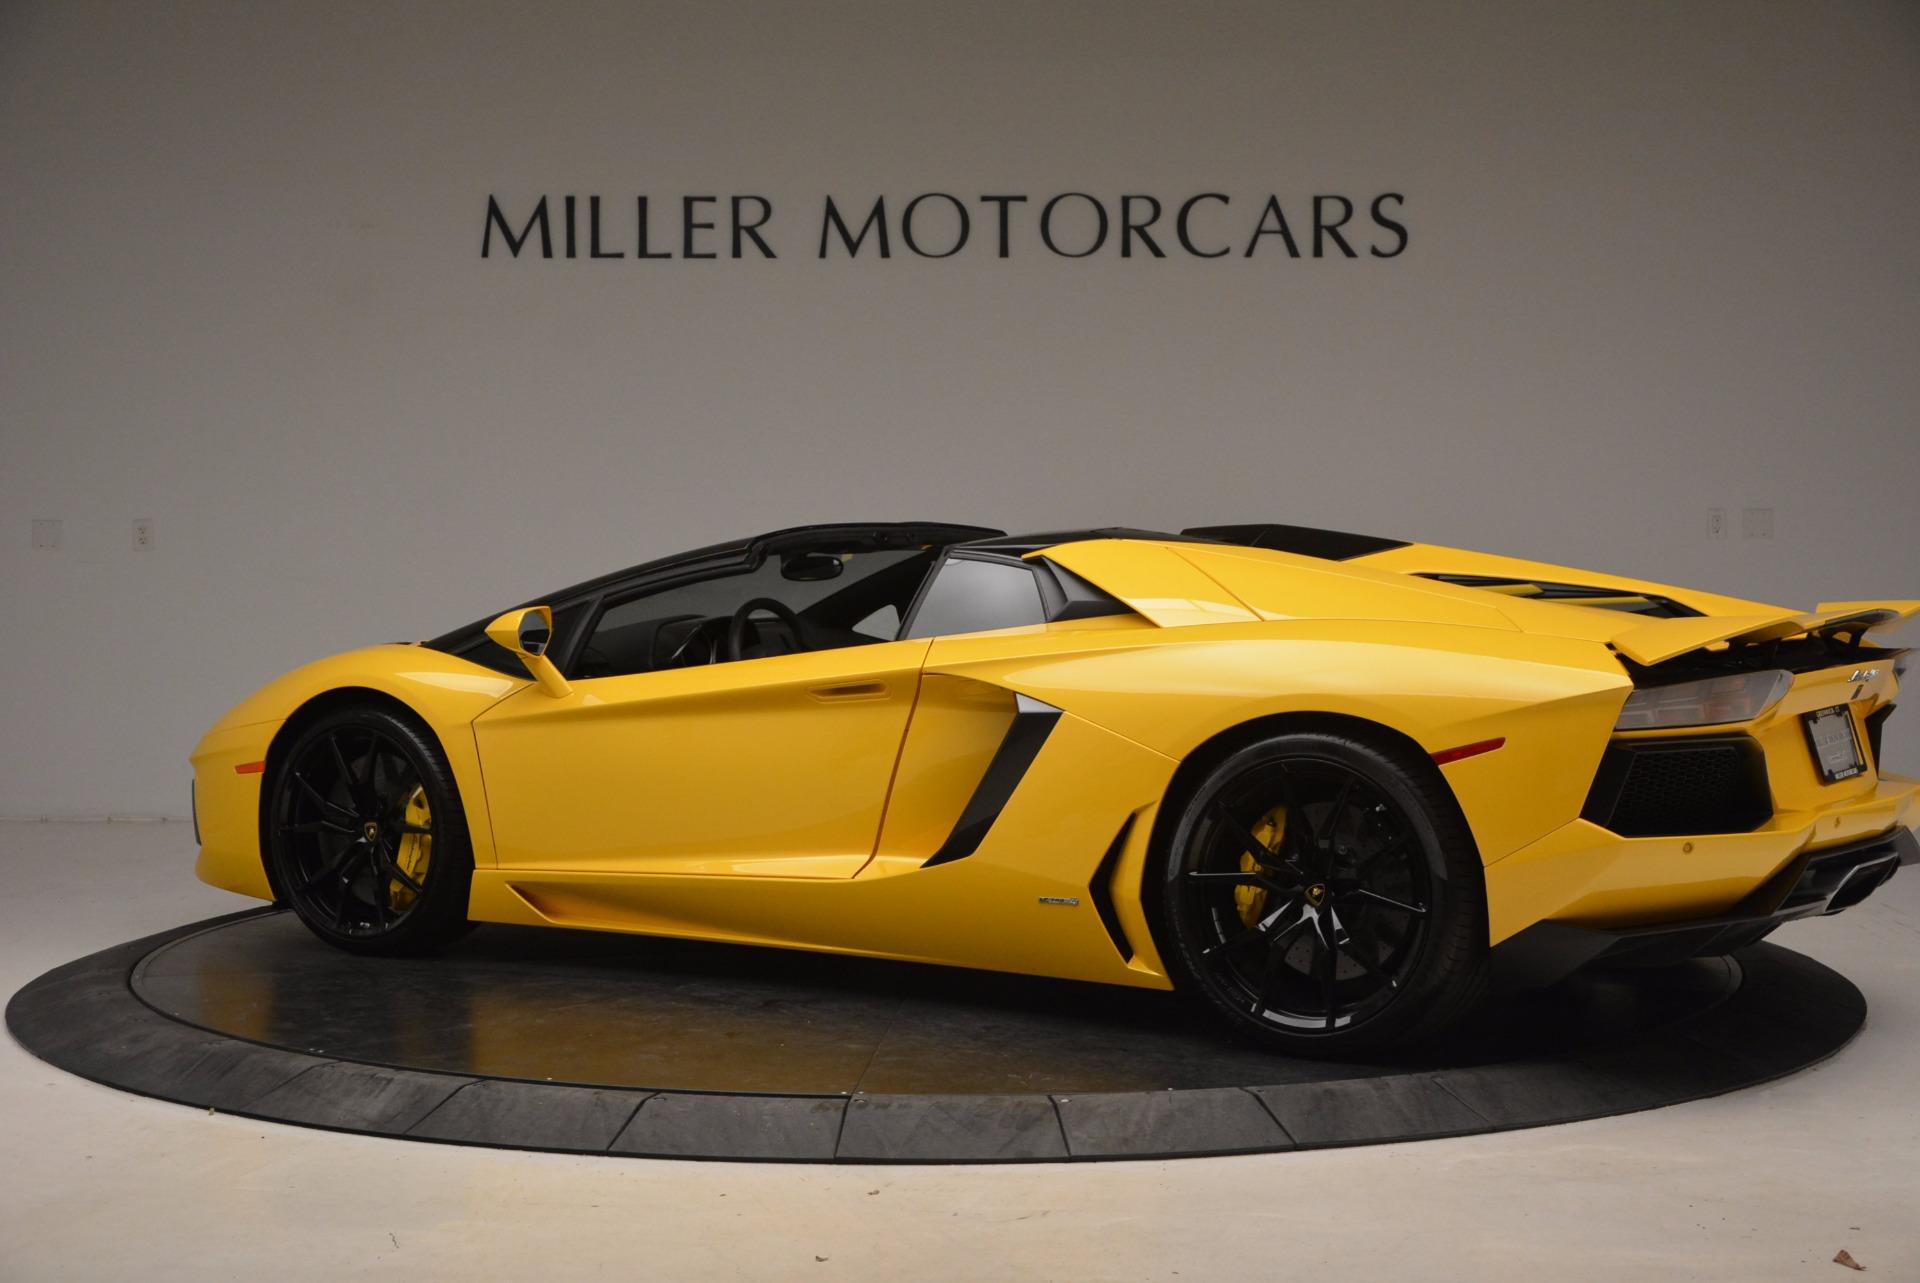 Used 2015 Lamborghini Aventador LP 700-4 Roadster For Sale In Greenwich, CT. Alfa Romeo of Greenwich, 7284 1774_p4